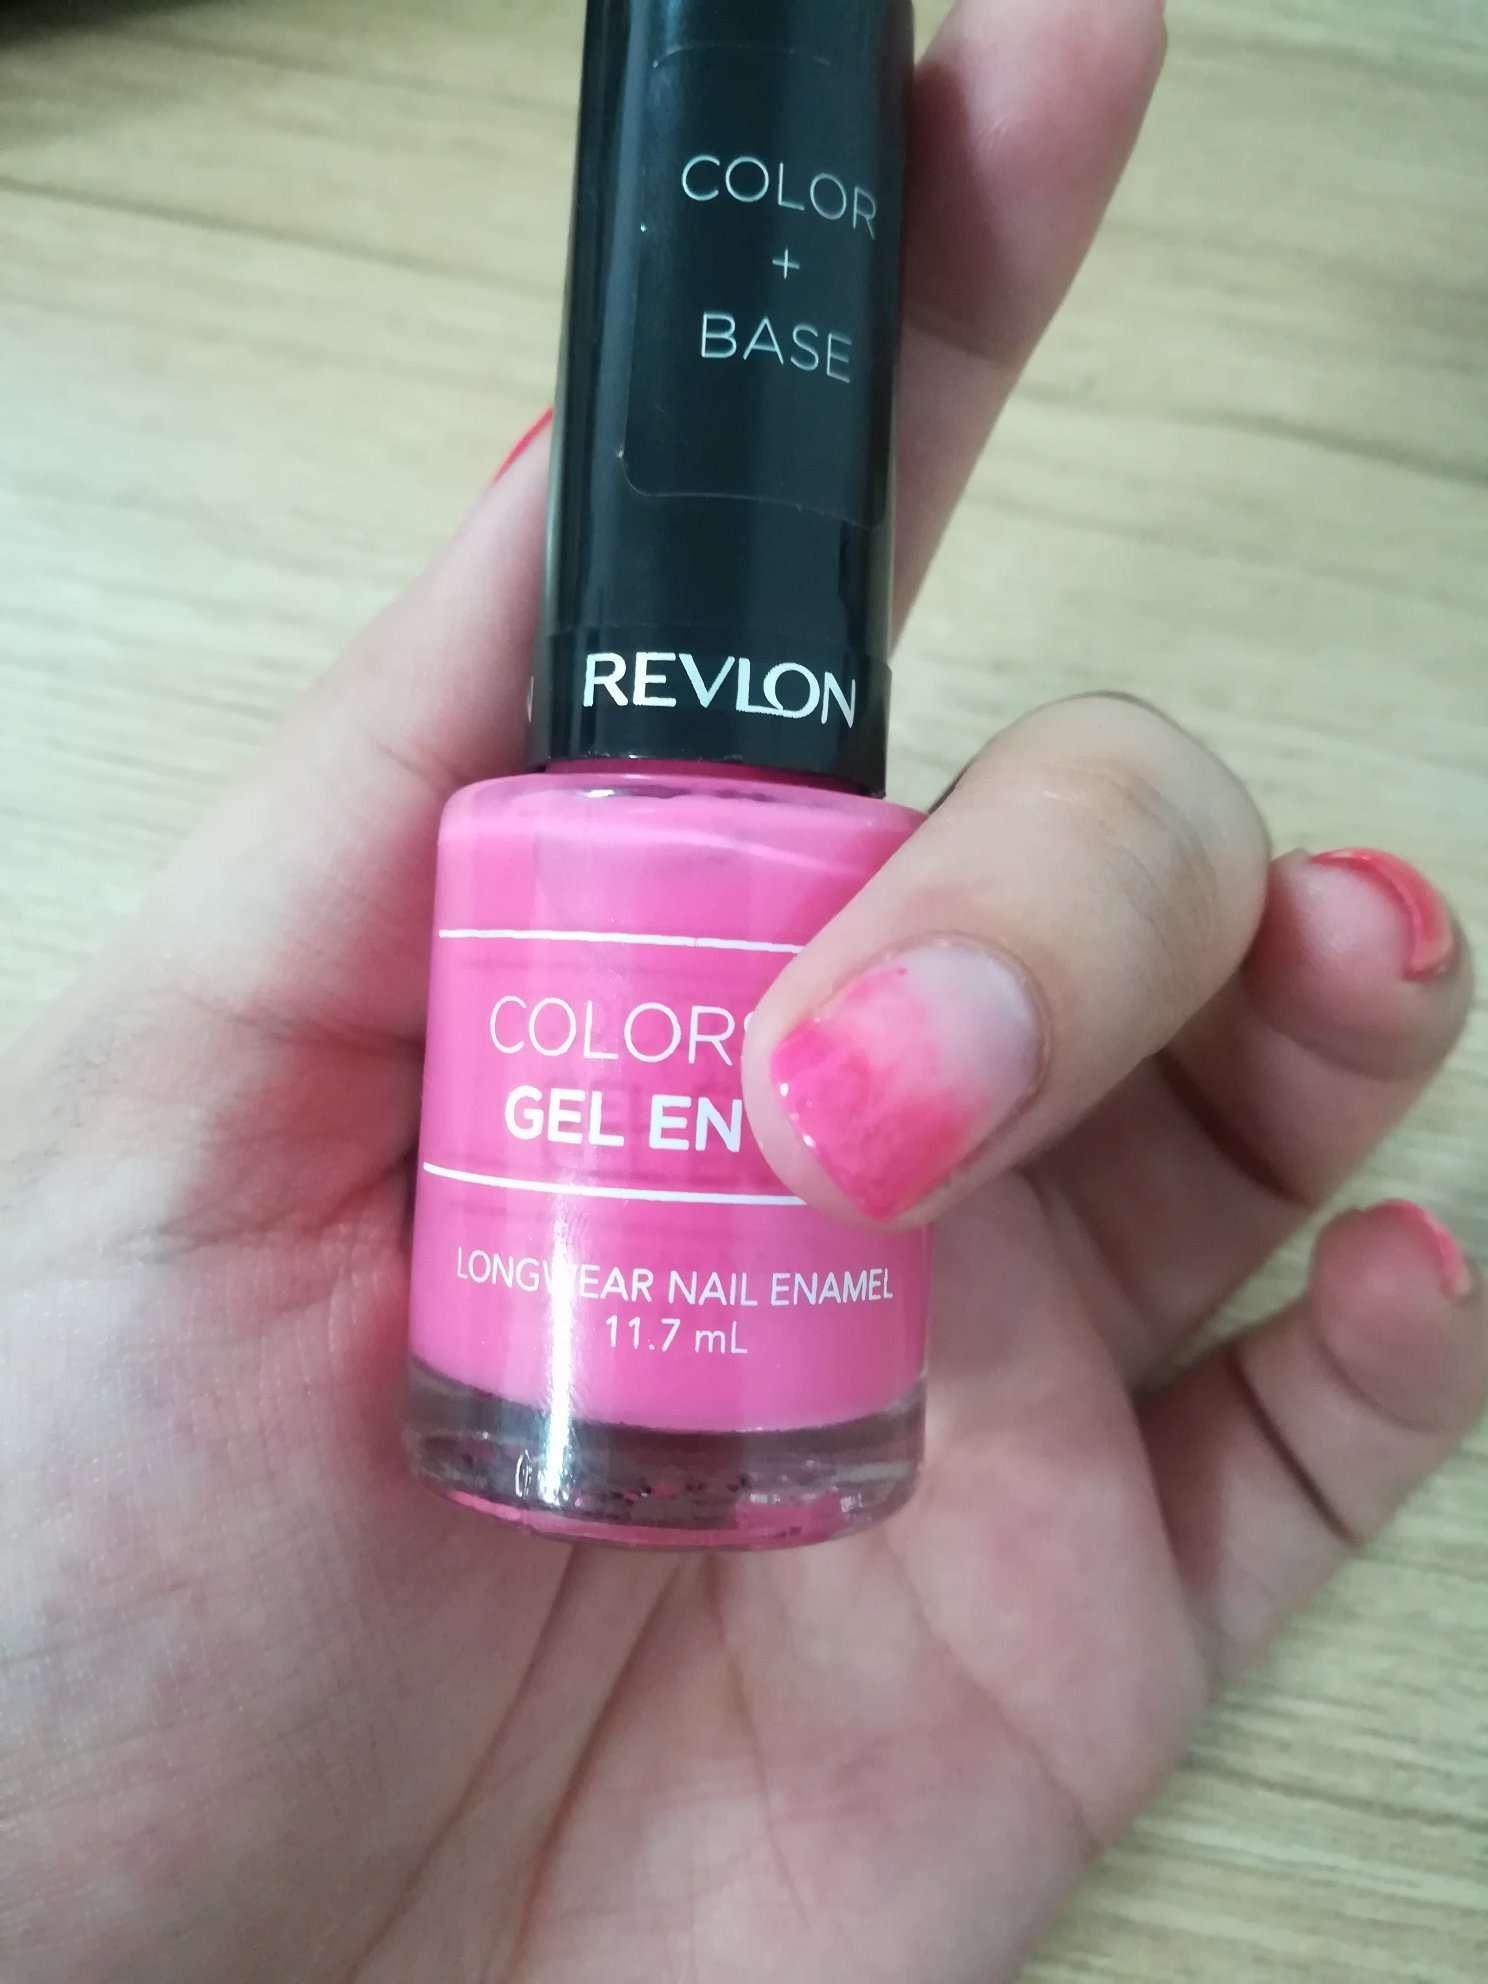 Revlon Colorstay Gel Envy Longwear Nail Enamel-Fun to use-By ____.ish.___